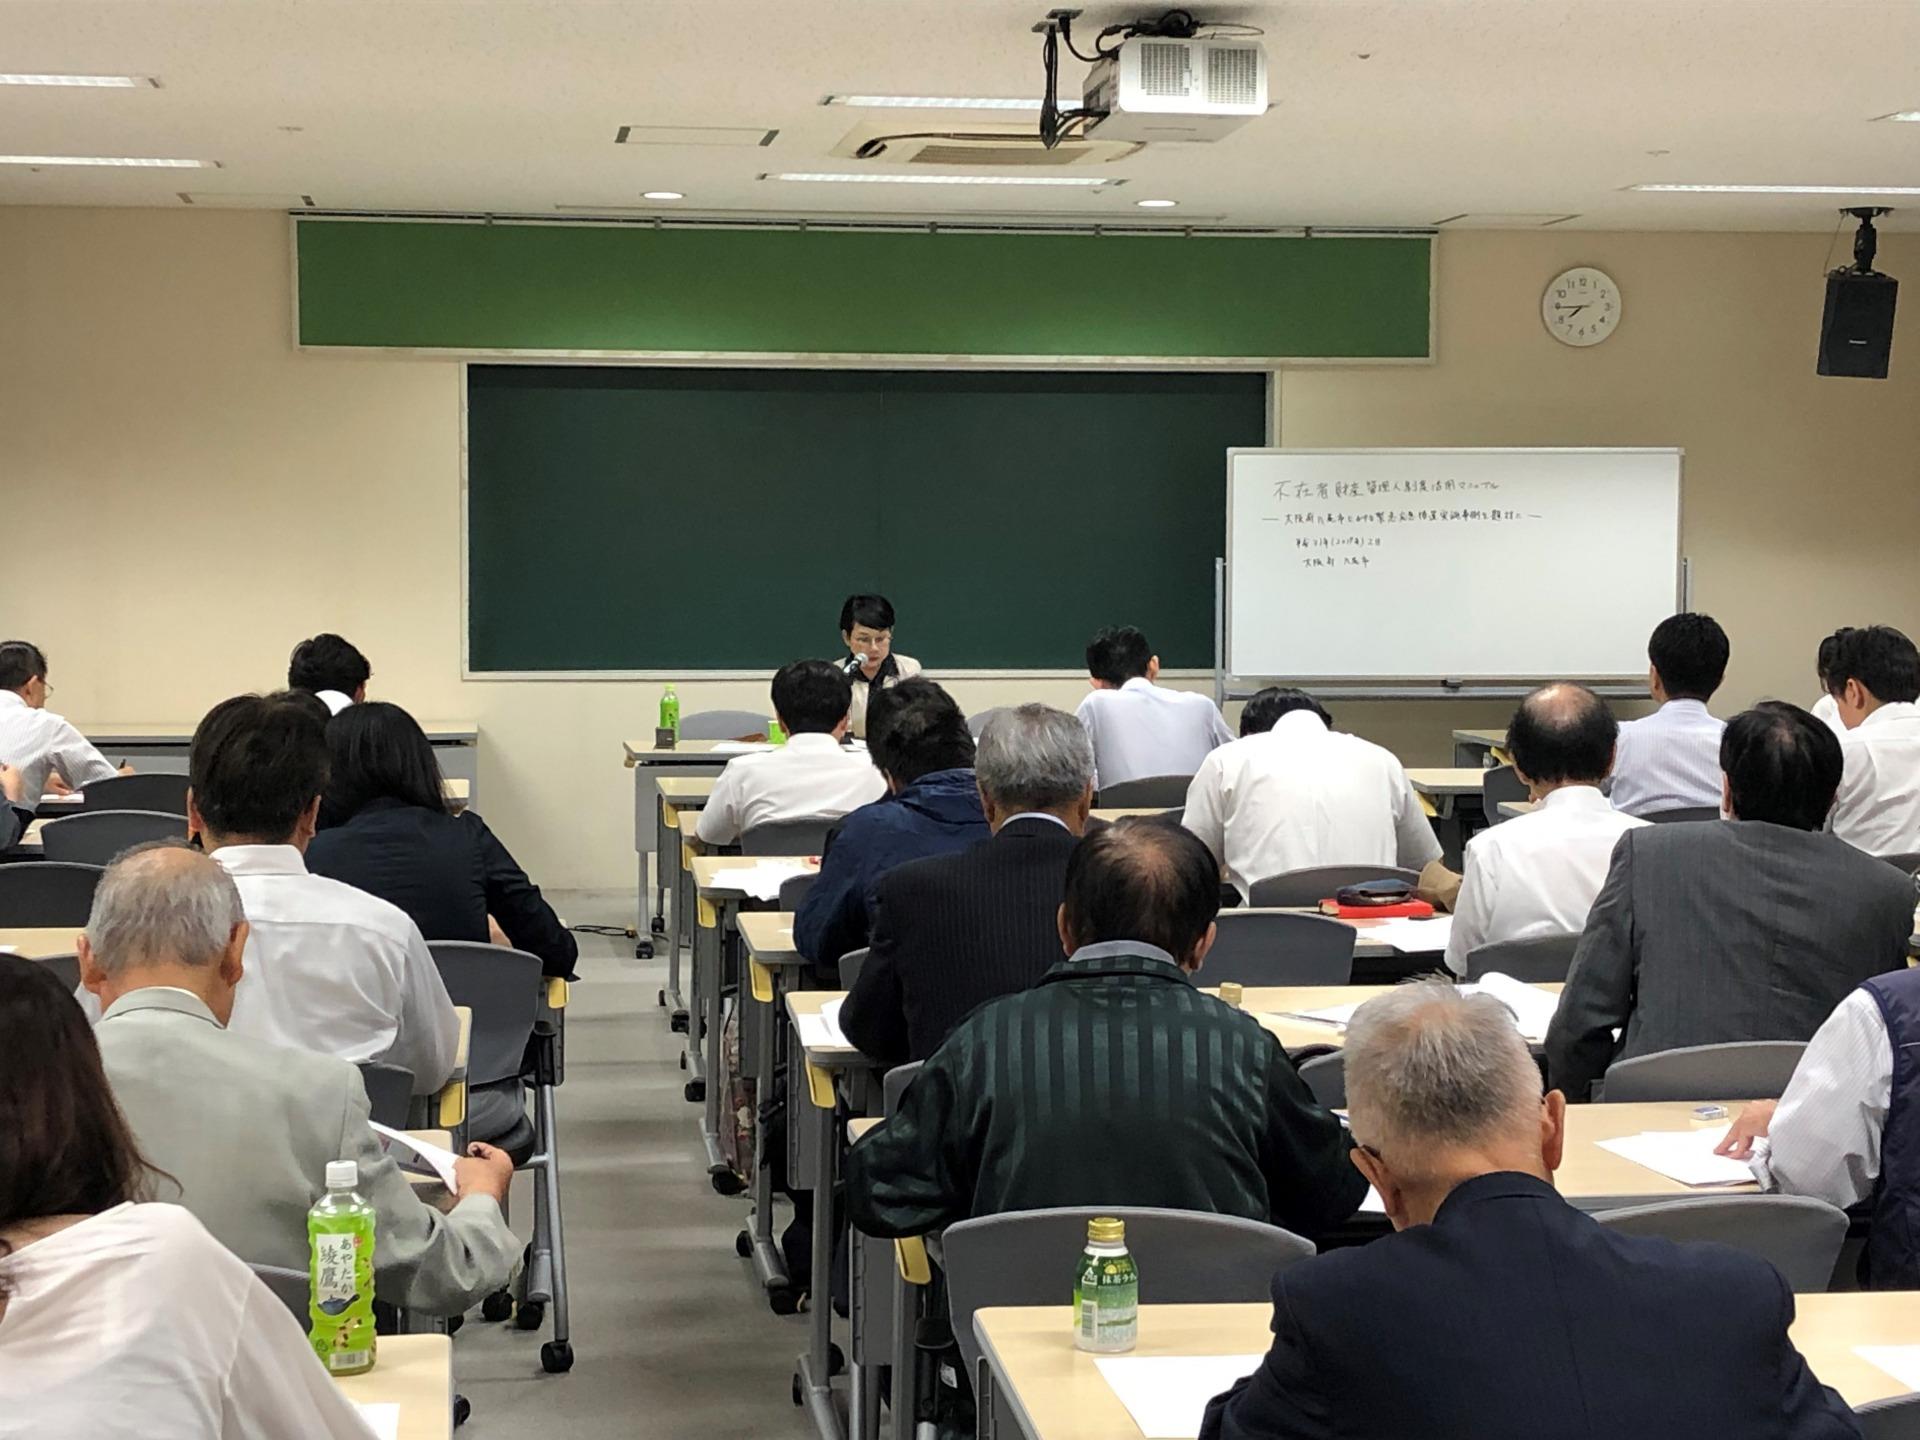 第1回財産管理人研修会を開催しました、講師は熊本会の井上弘子先生